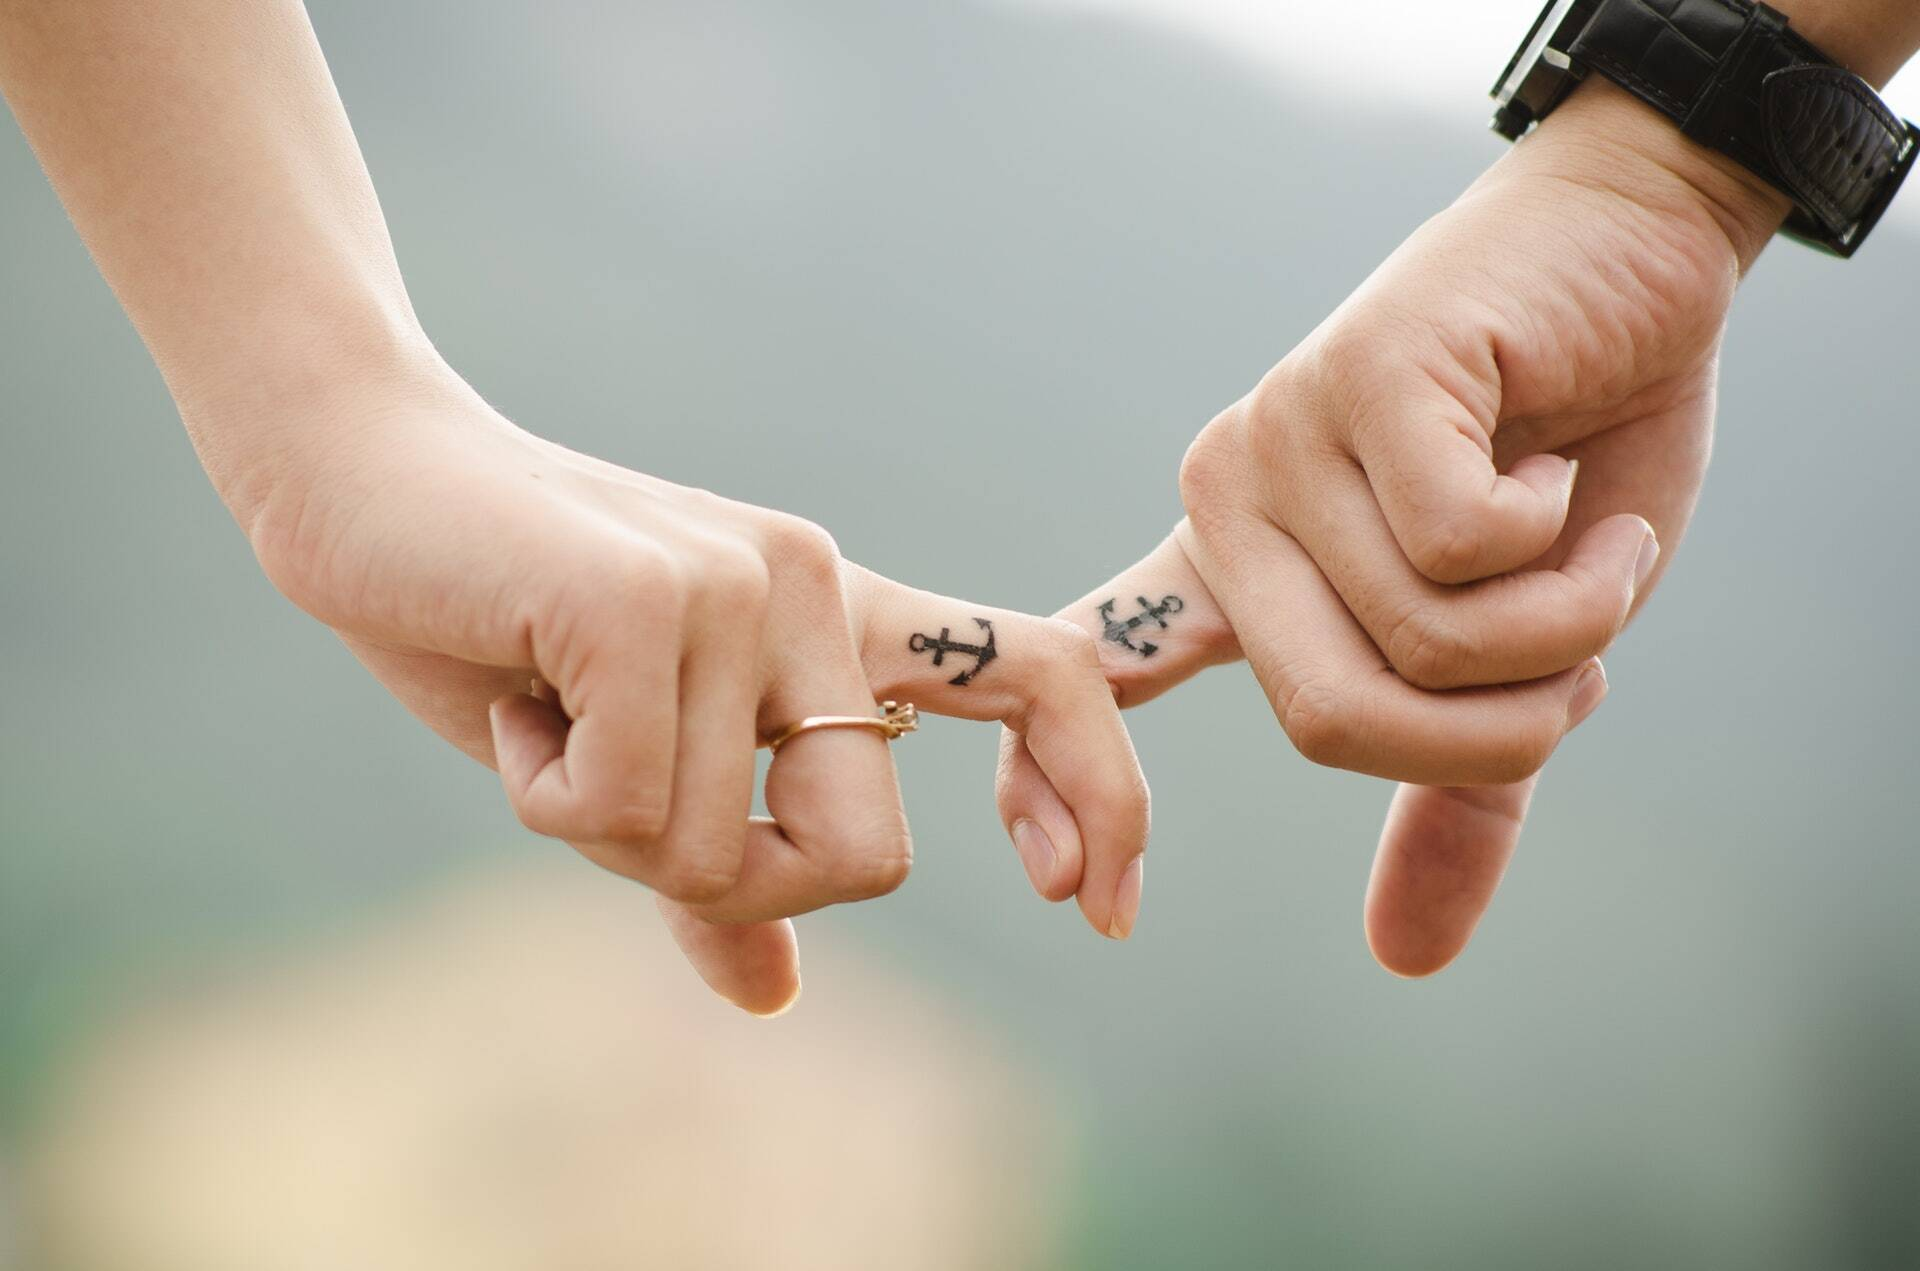 manos que reflejan una pareja que se siente segura en su relacion